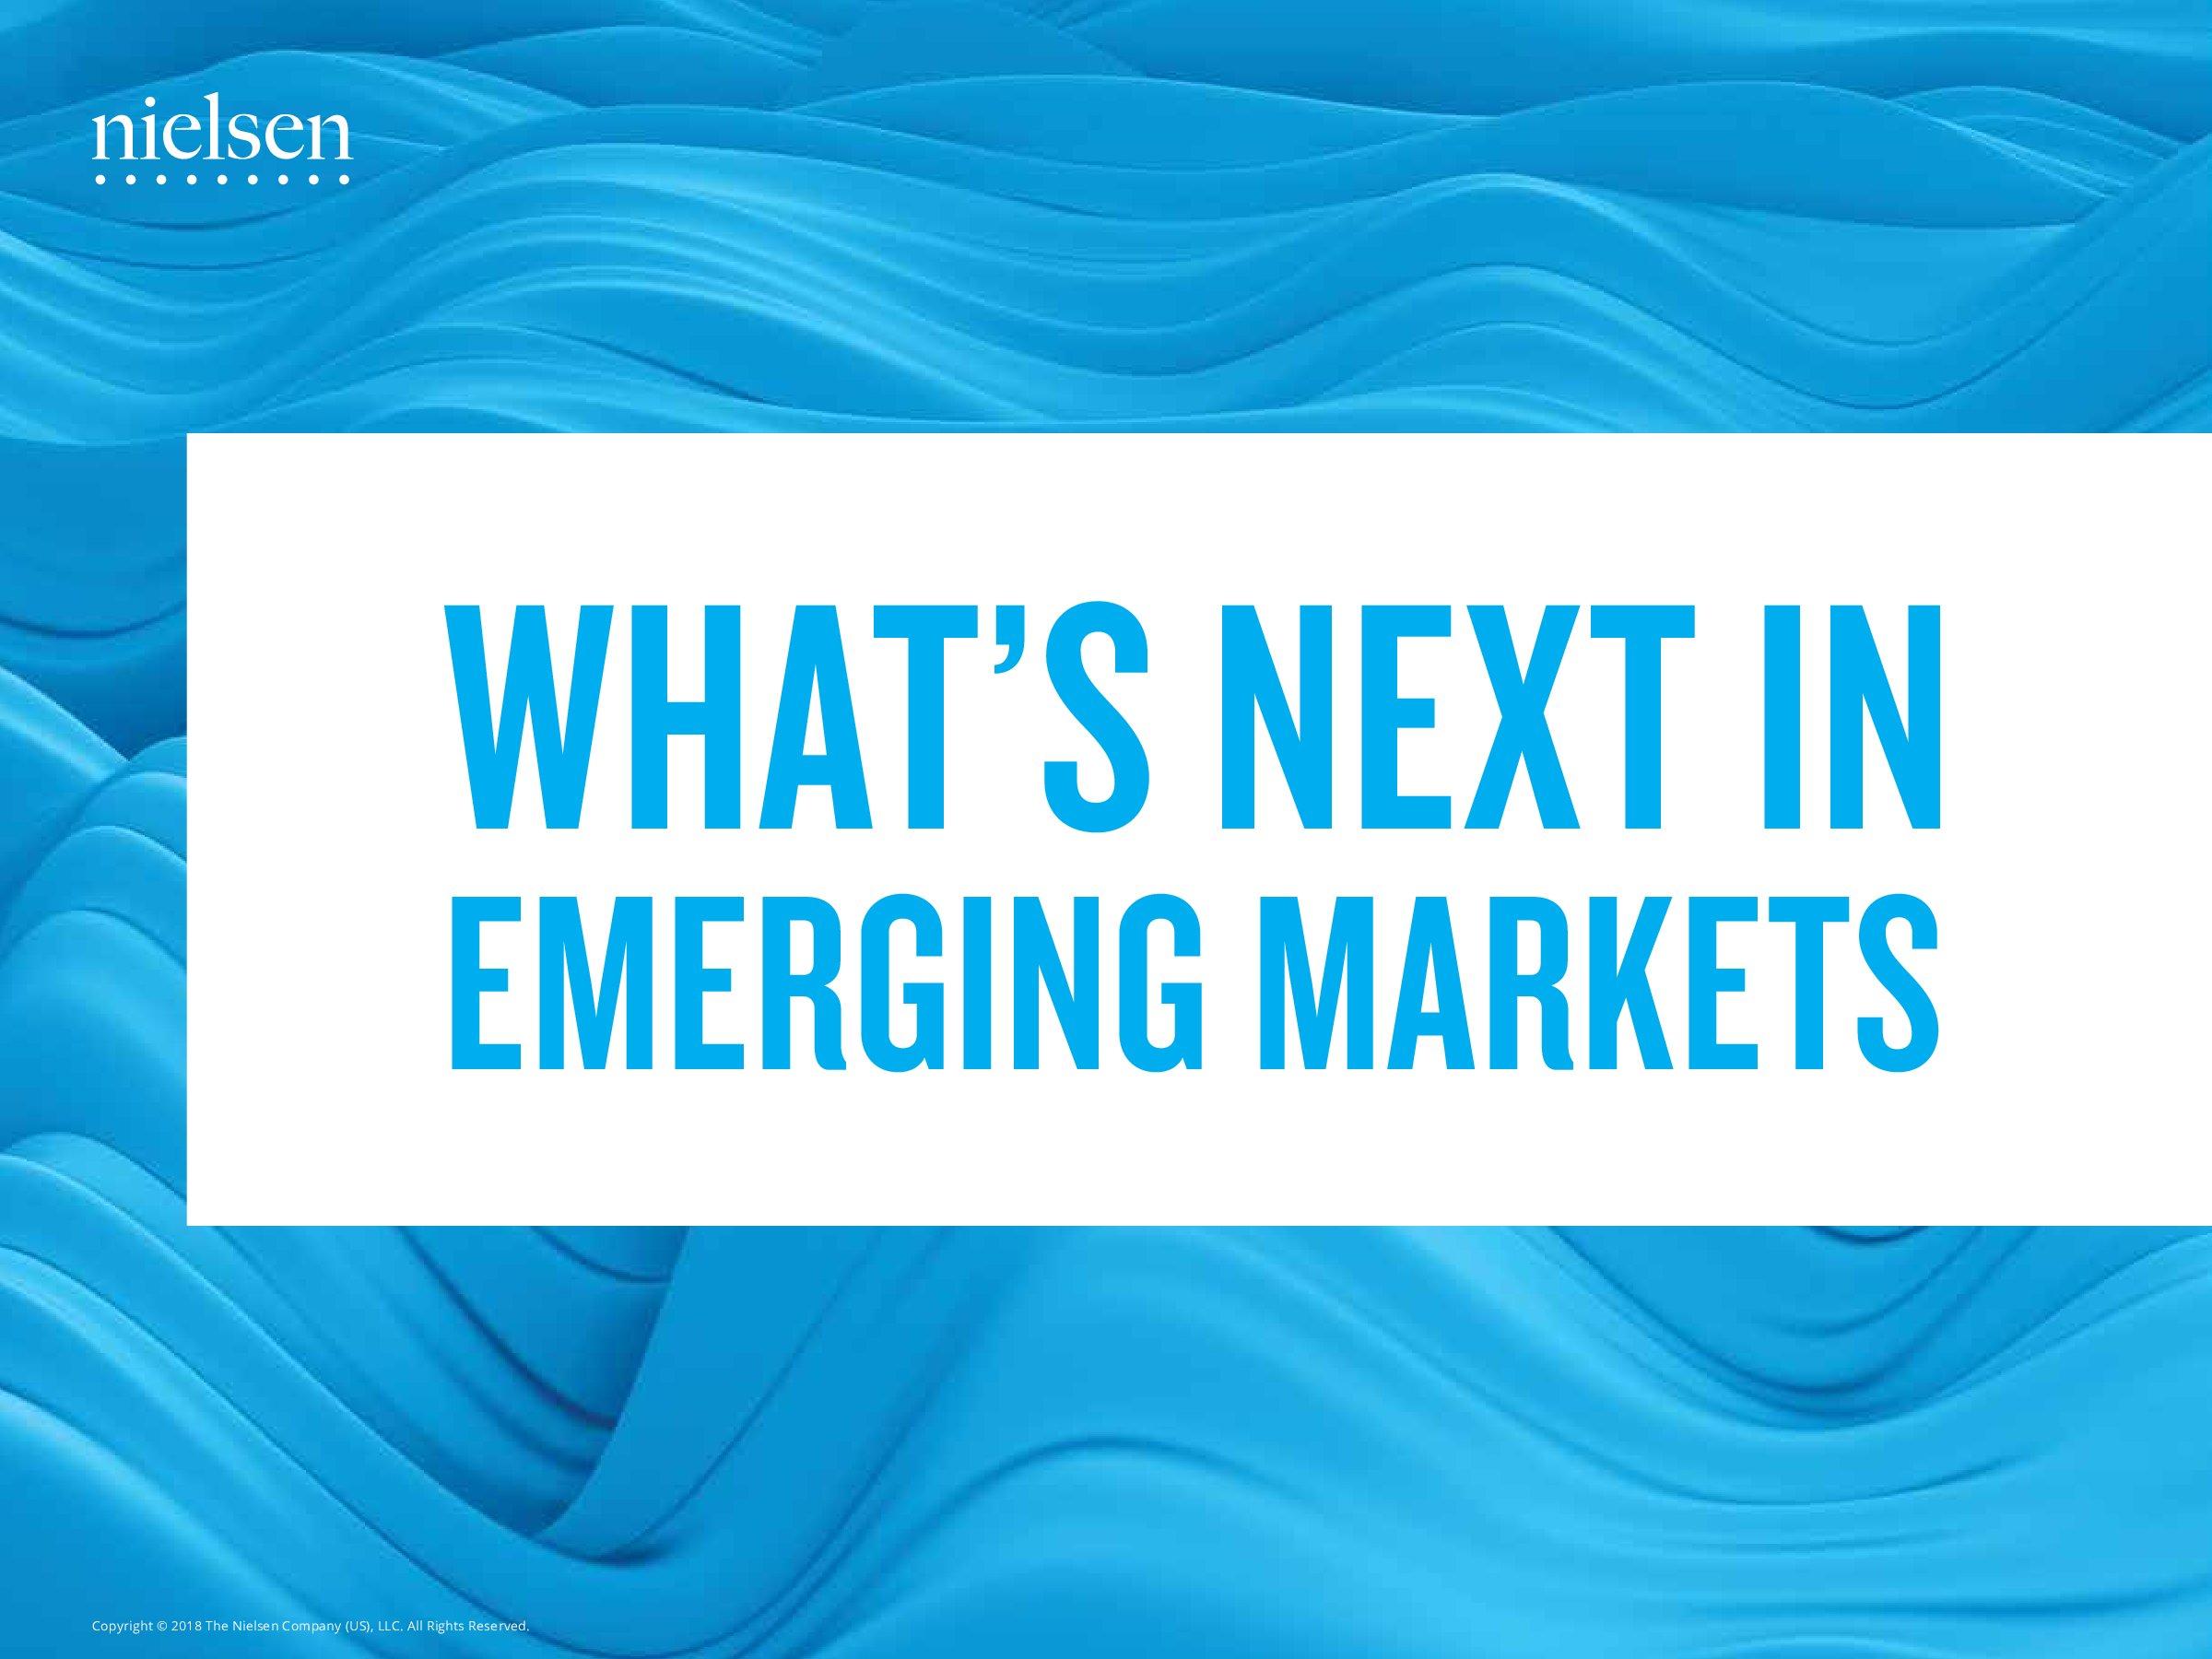 尼尔森:新兴市场的下一个发展空间